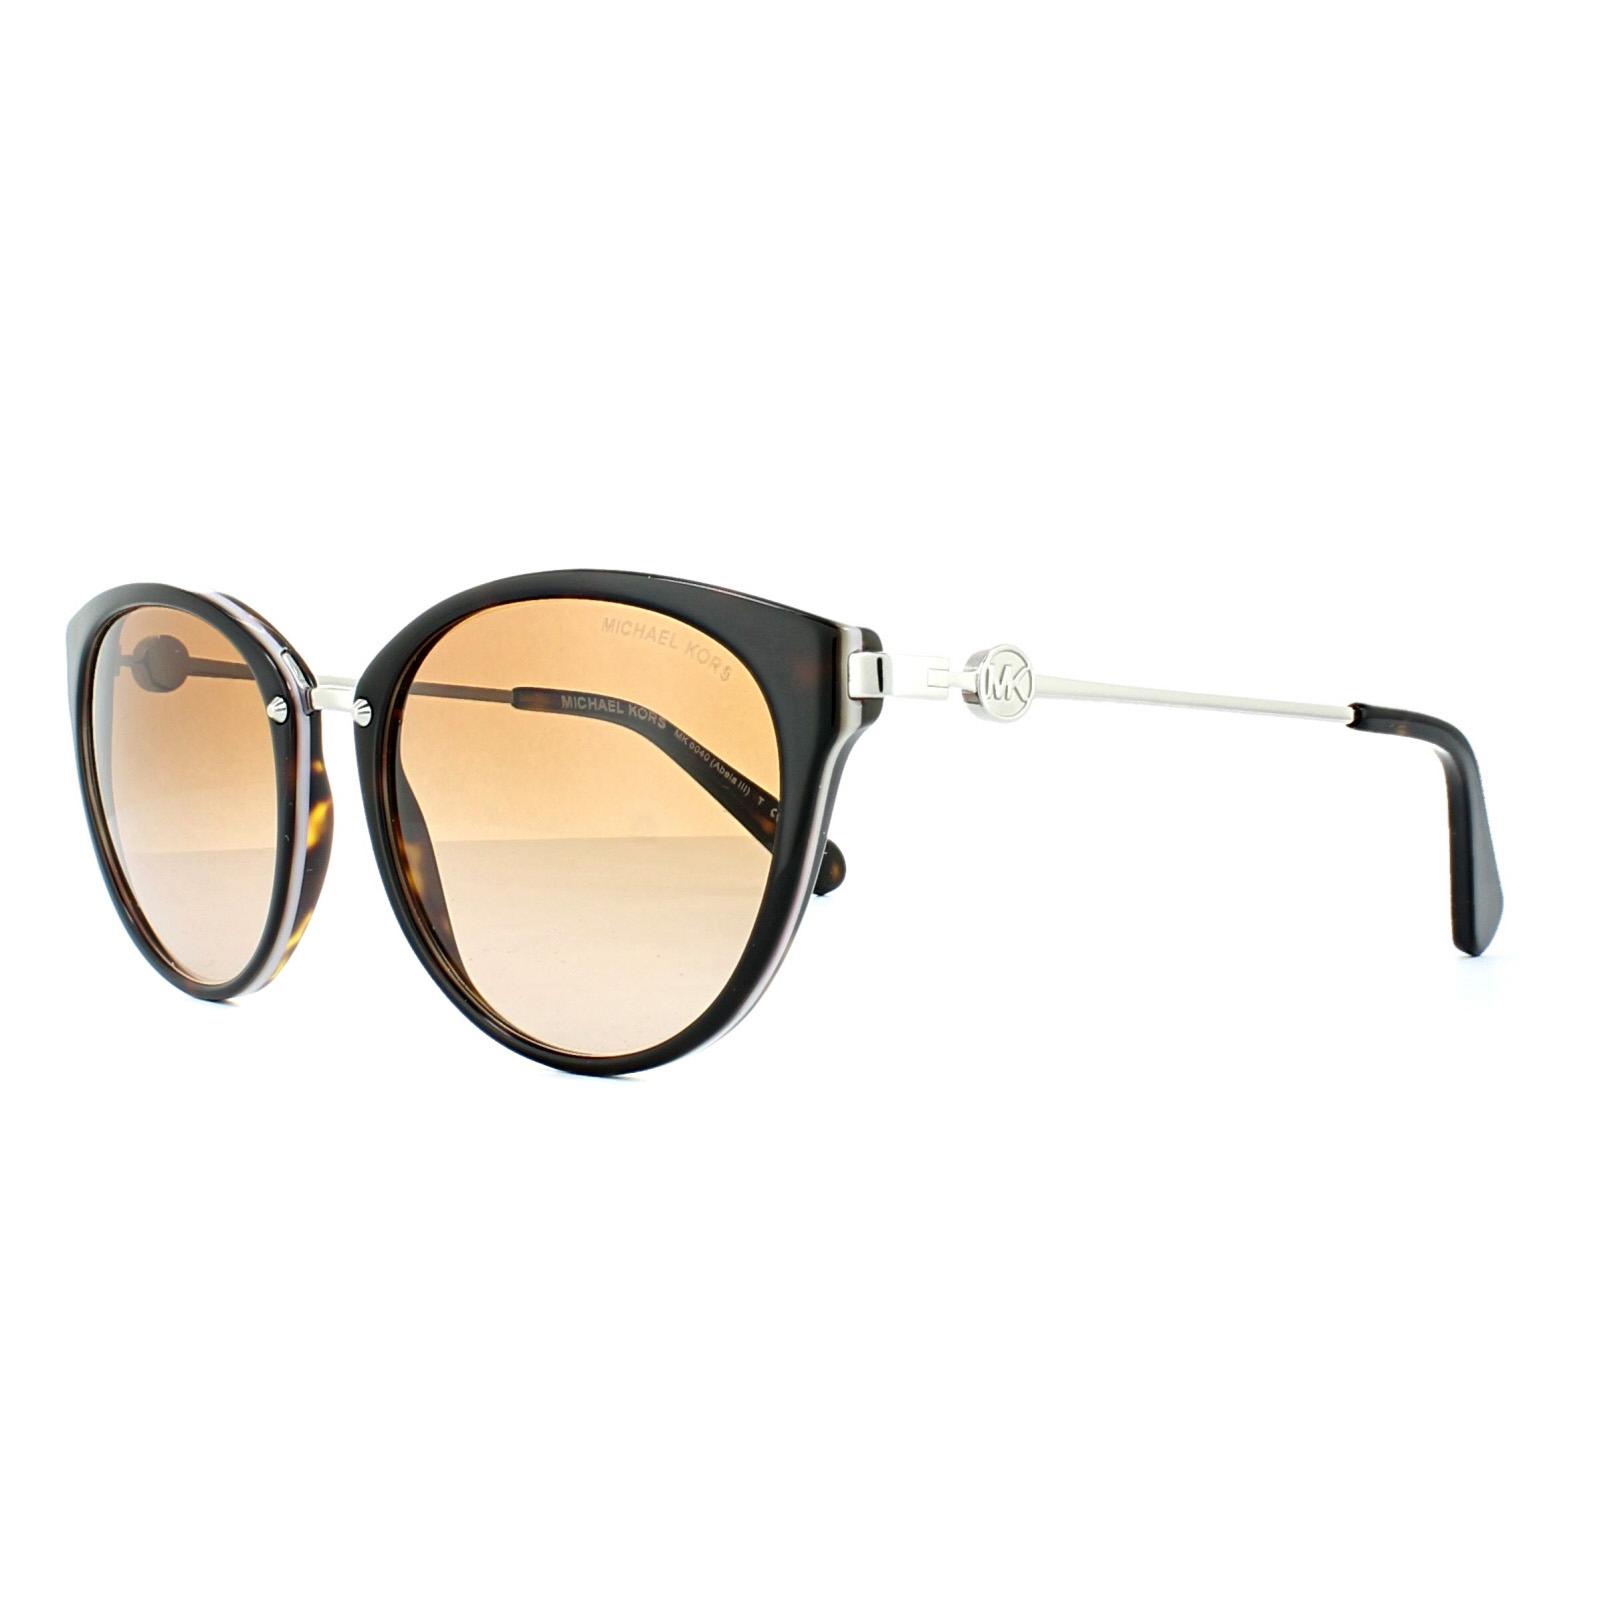 974e5efdd43 Cheap Michael Kors Abela III 6040 Sunglasses - Discounted Sunglasses